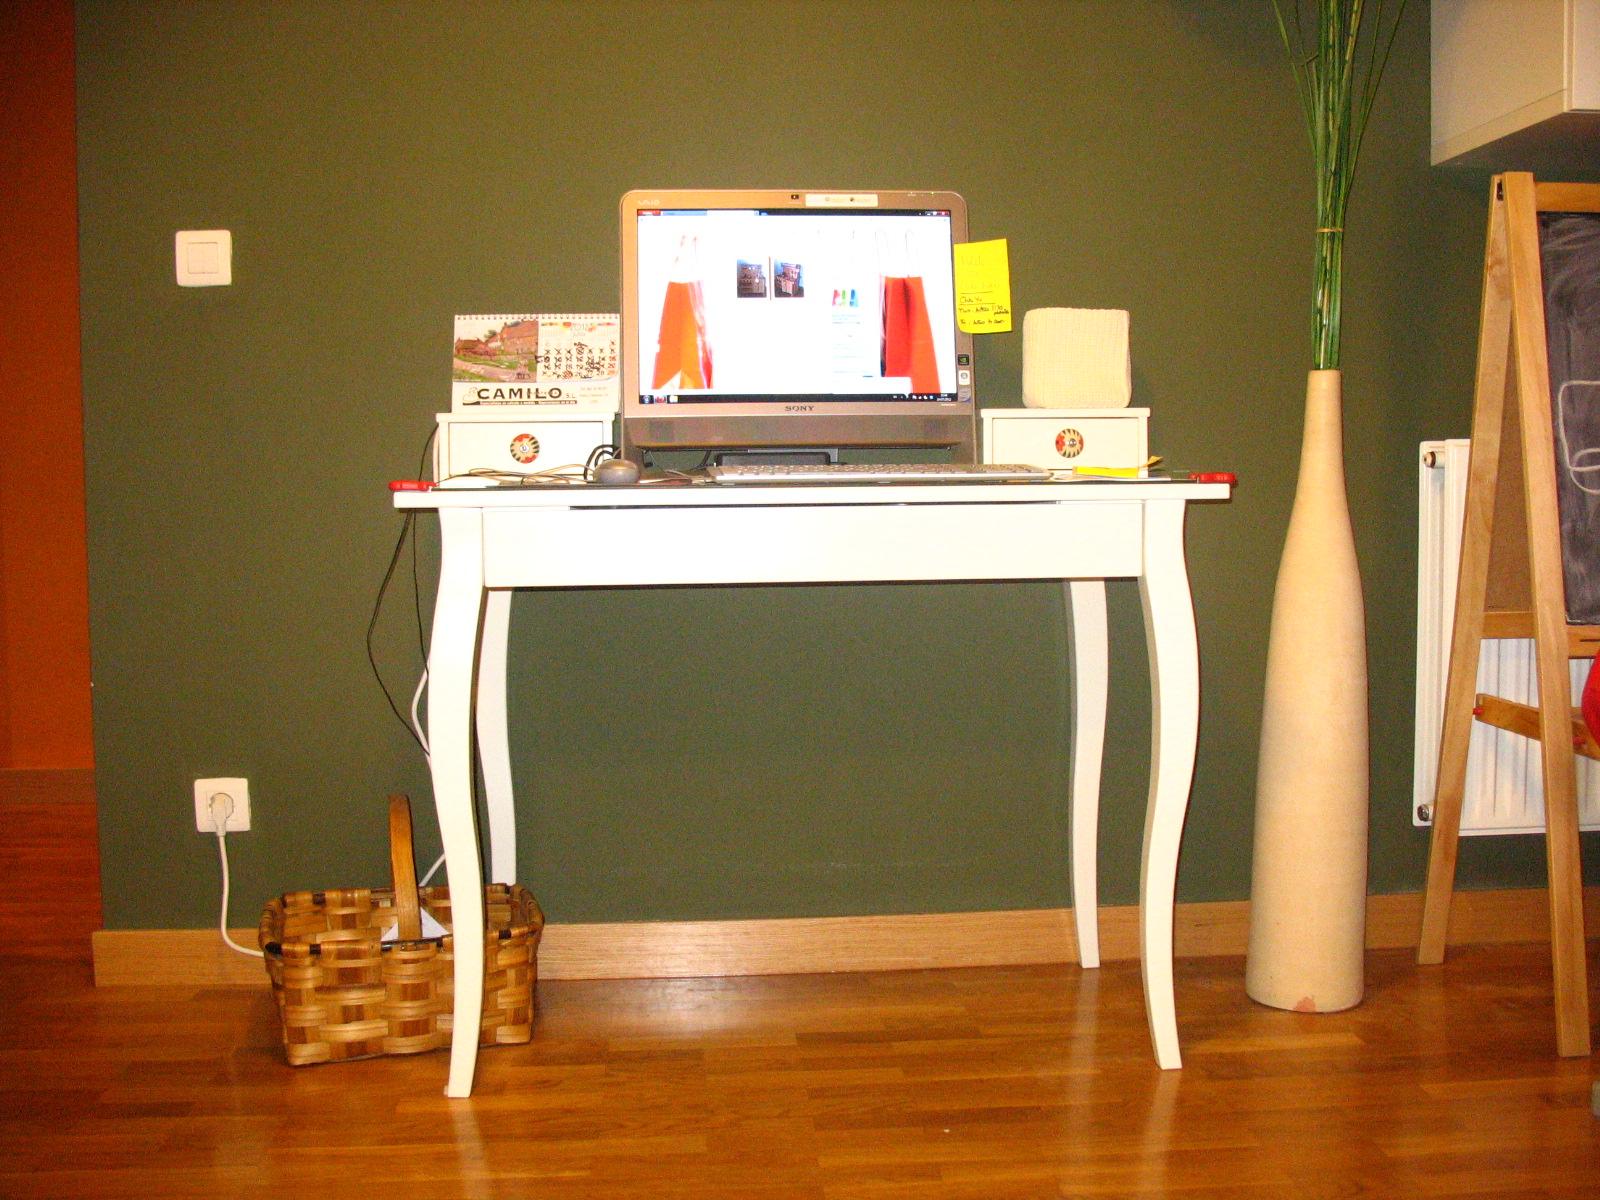 De tocador a mesa de pc mi llave allen - Como hacer una mesa de ordenador ...